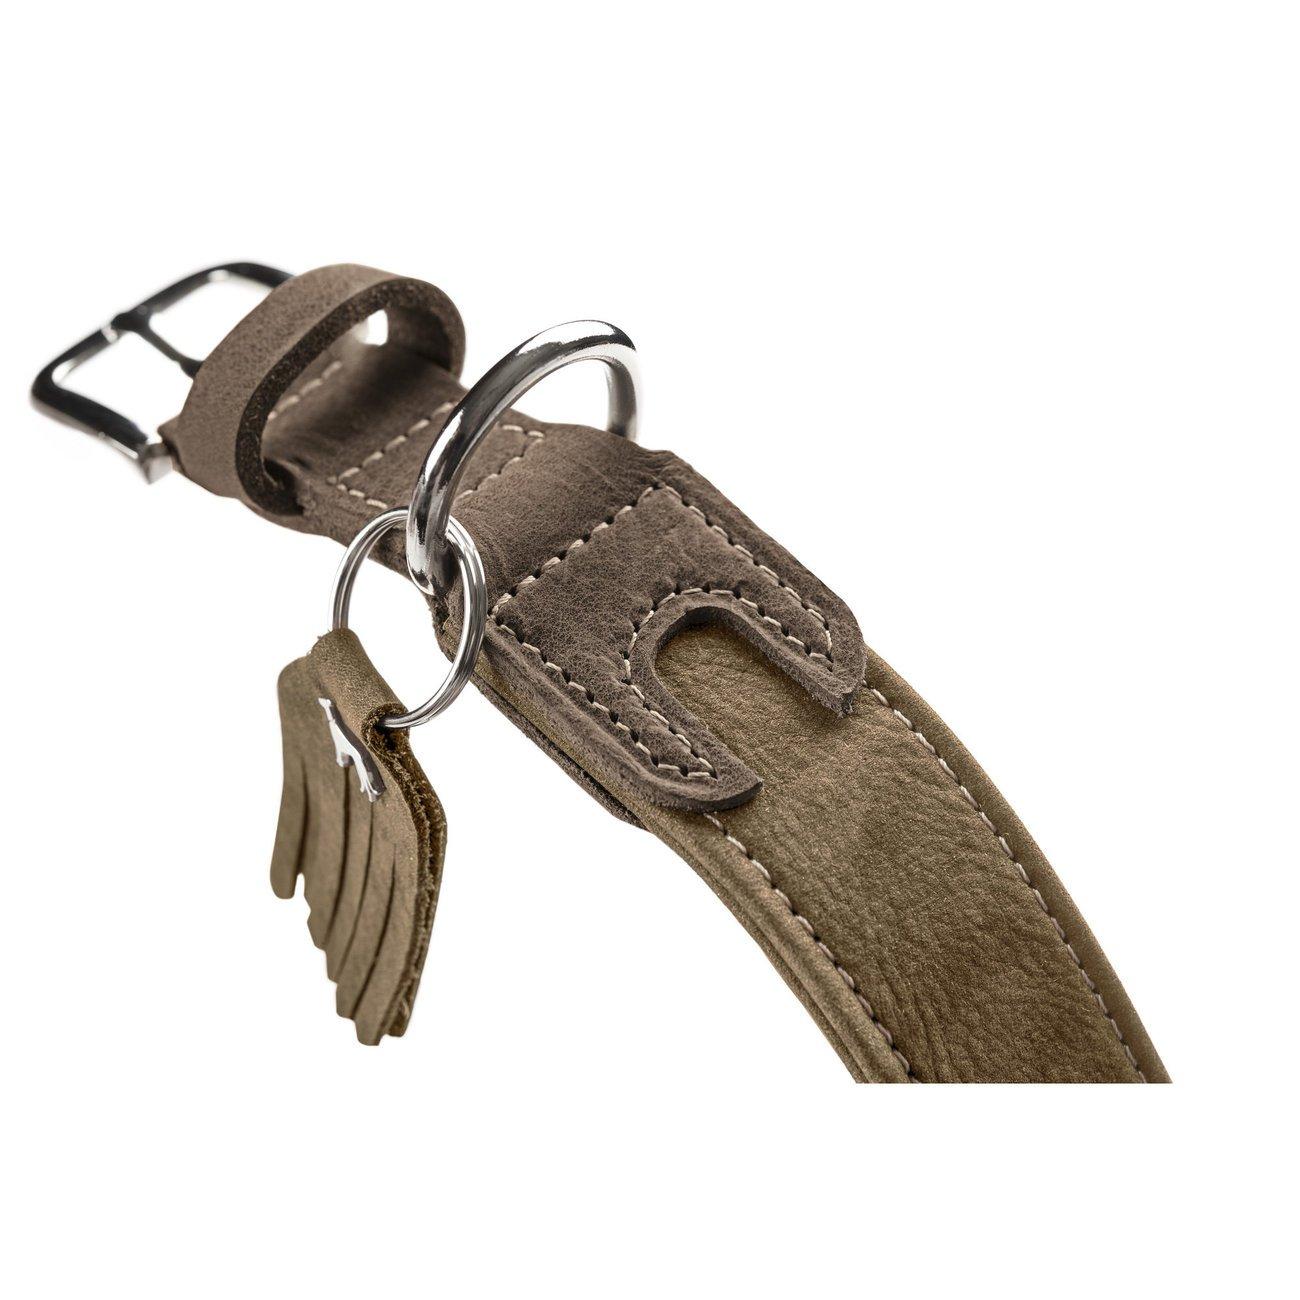 Hunter Halsband Hunting Special 68529, Bild 7